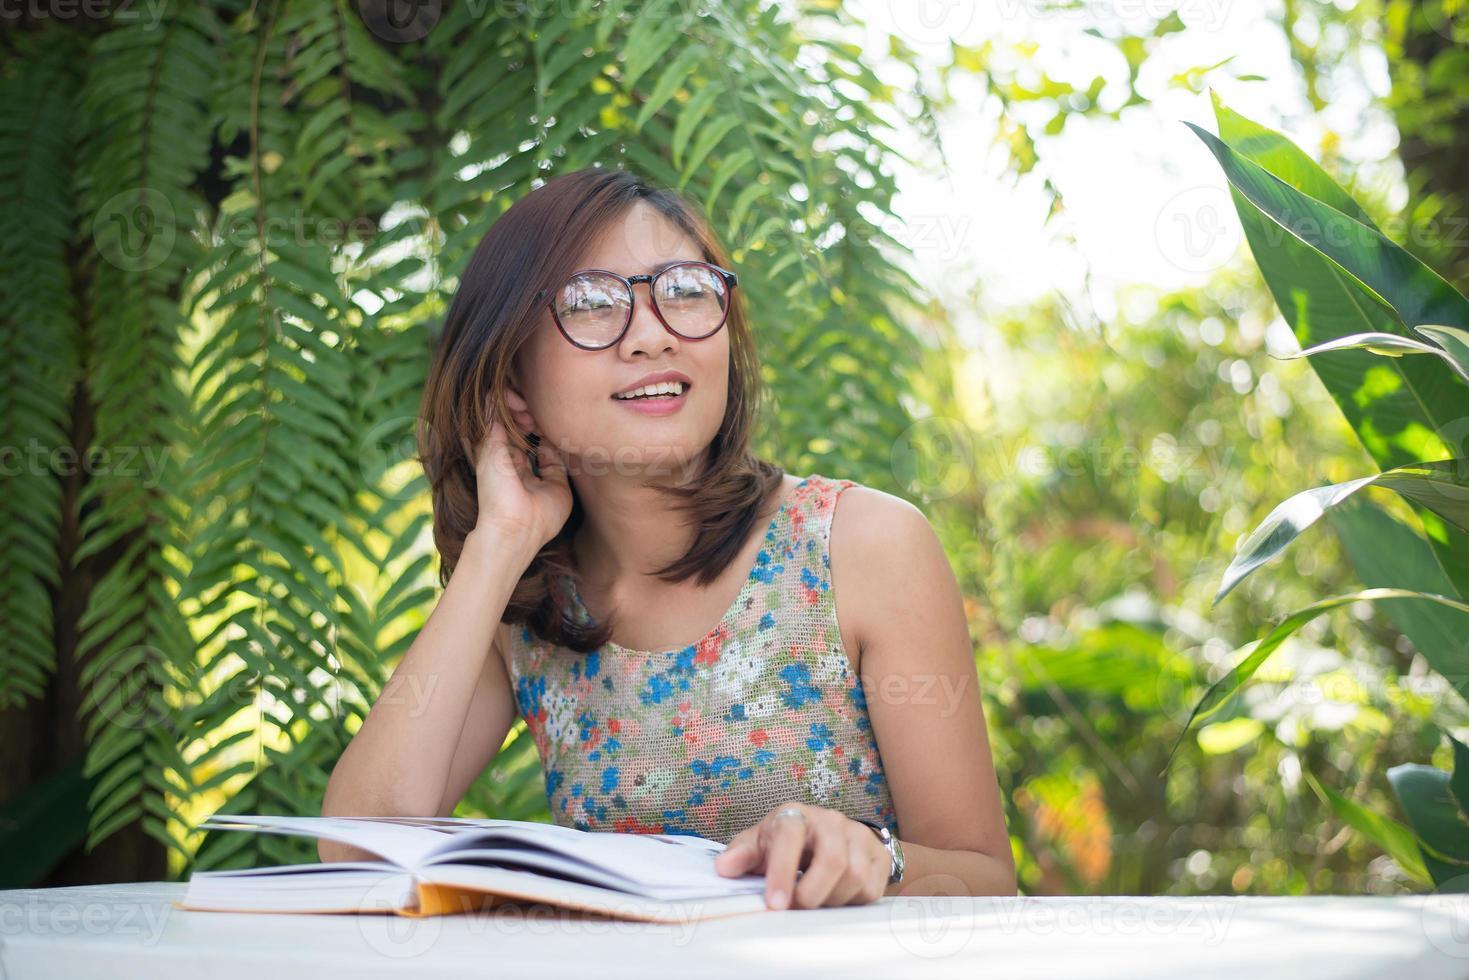 jonge hipster vrouw lezen van boeken in eigen tuin met de natuur foto